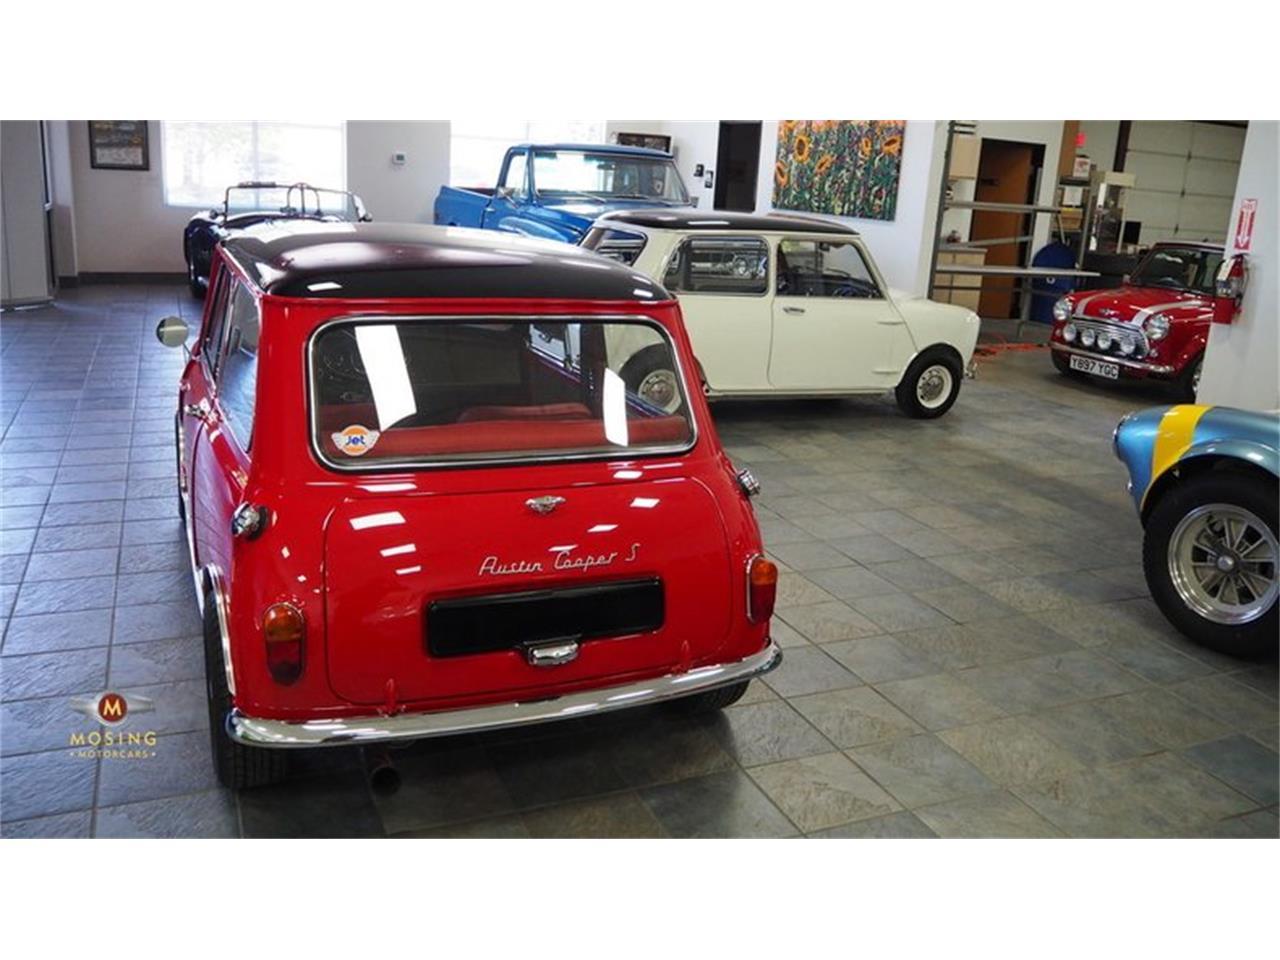 Large Picture of Classic '66 Austin Mini Cooper S - $53,000.00 - Q2CQ